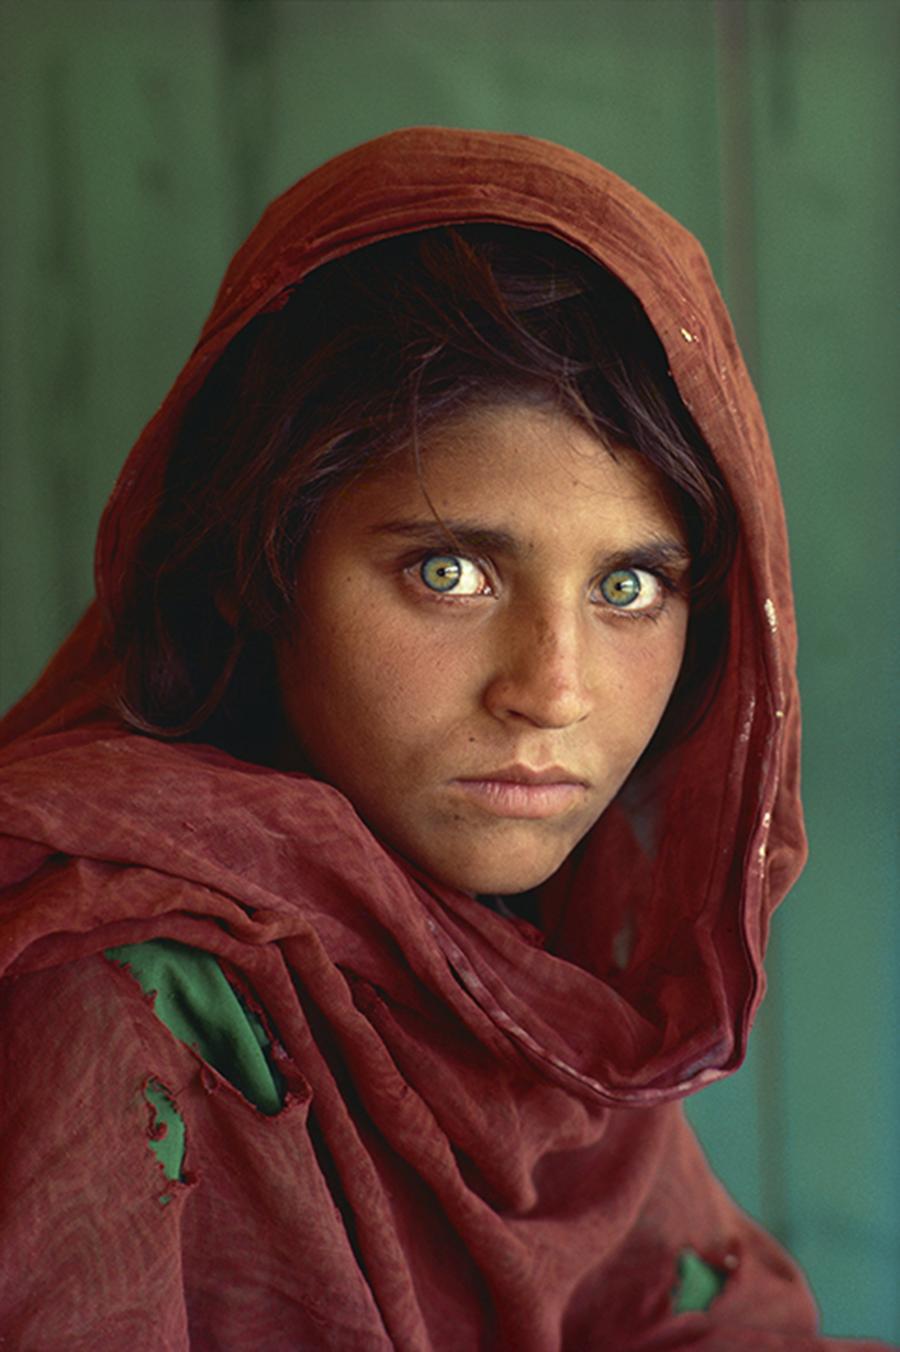 Steve McCurry.  Afghan Girl  1984.